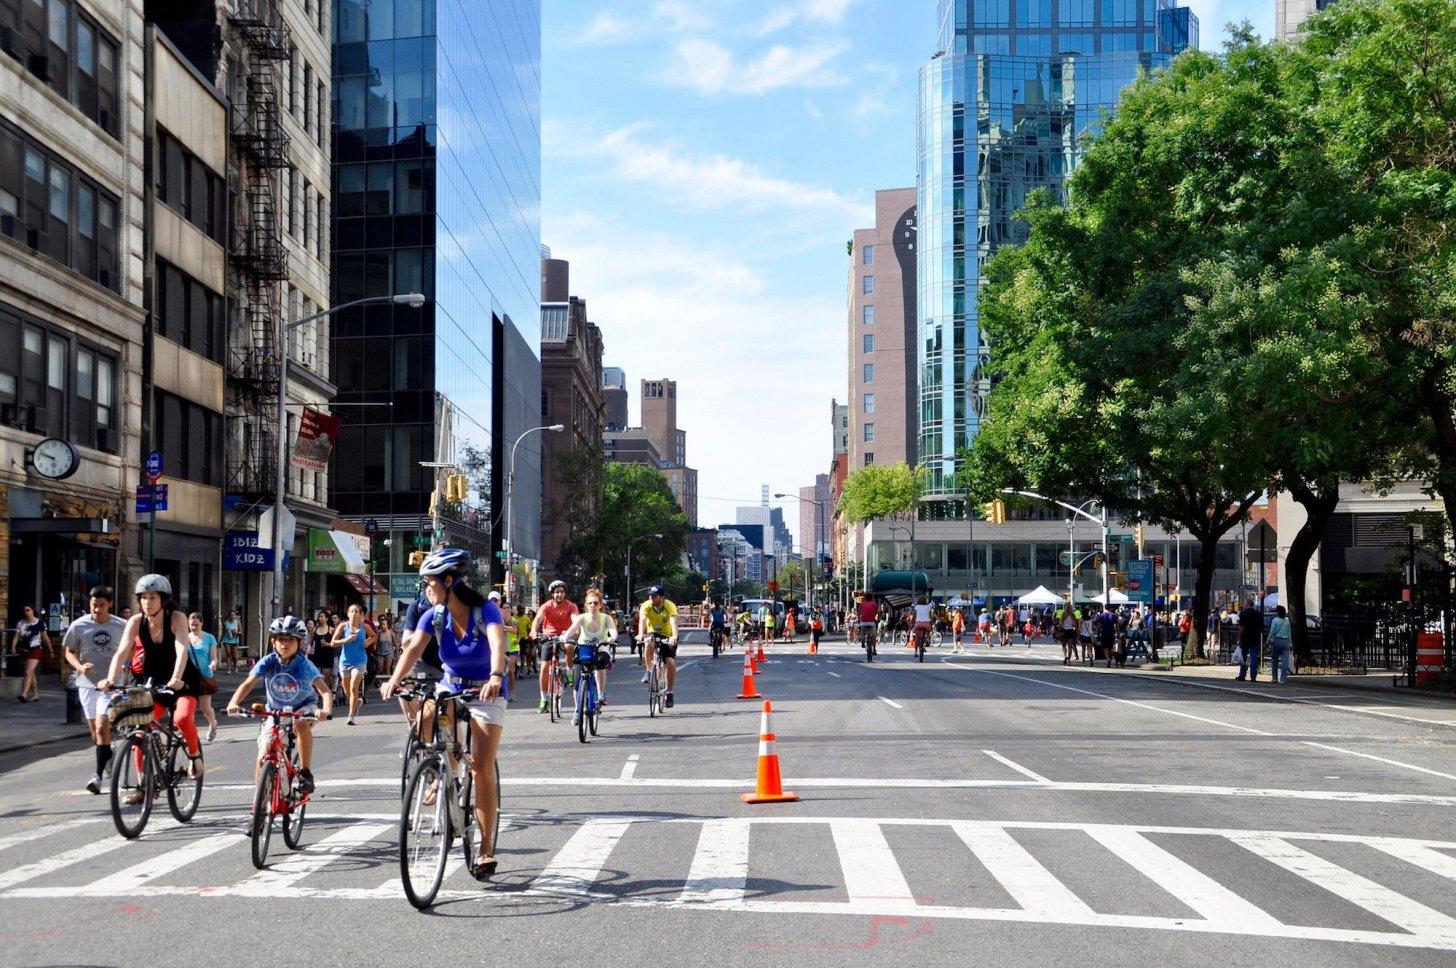 NYC Open Streets - La vie dans les grandes villes s'améliore